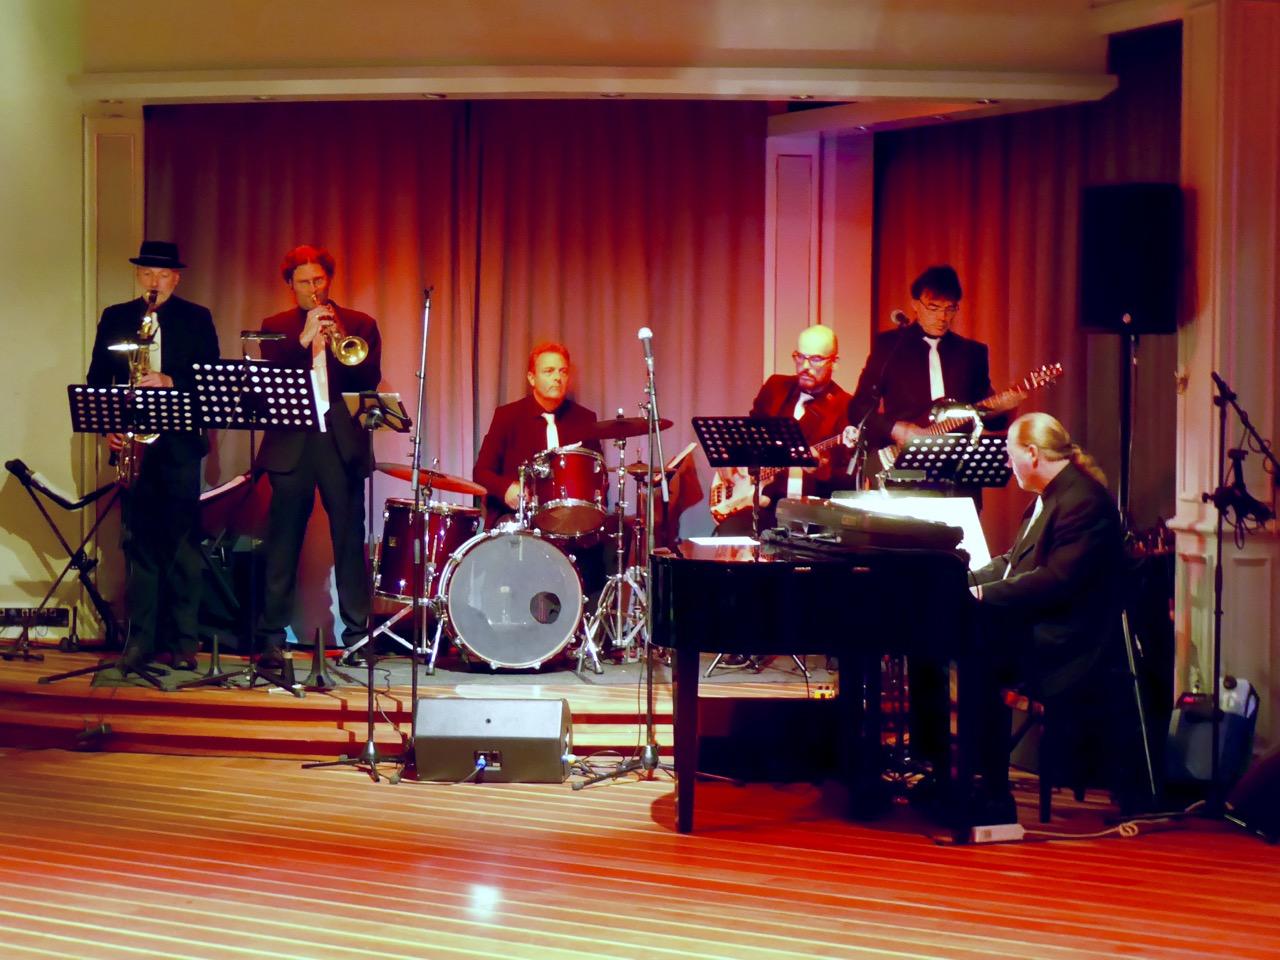 Tanzmusik auf der Bühne des Gatsby's